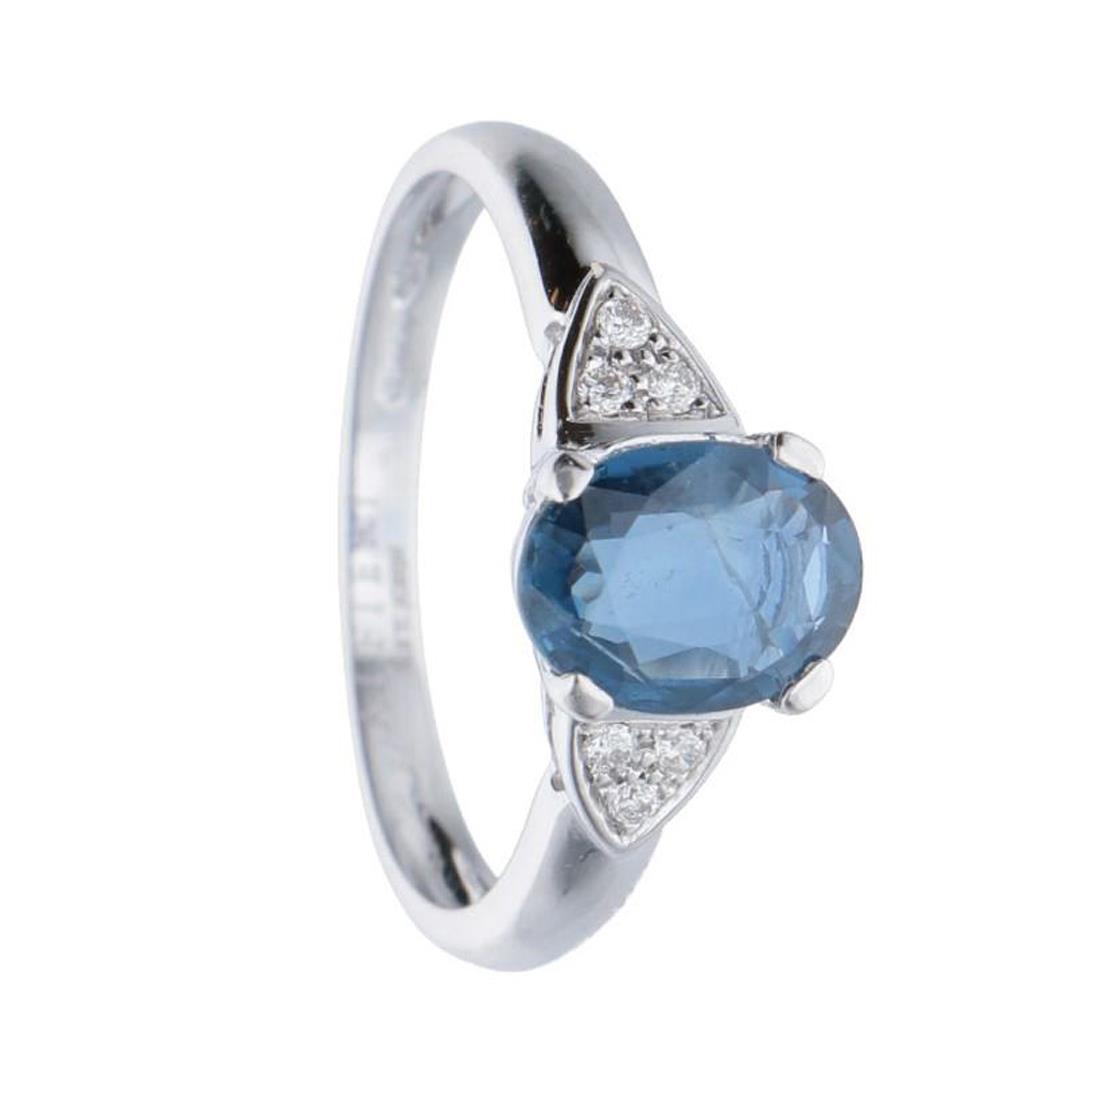 Anello in oro bianco con diamanti e zaffiro mis 13 - ALFIERI & ST. JOHN